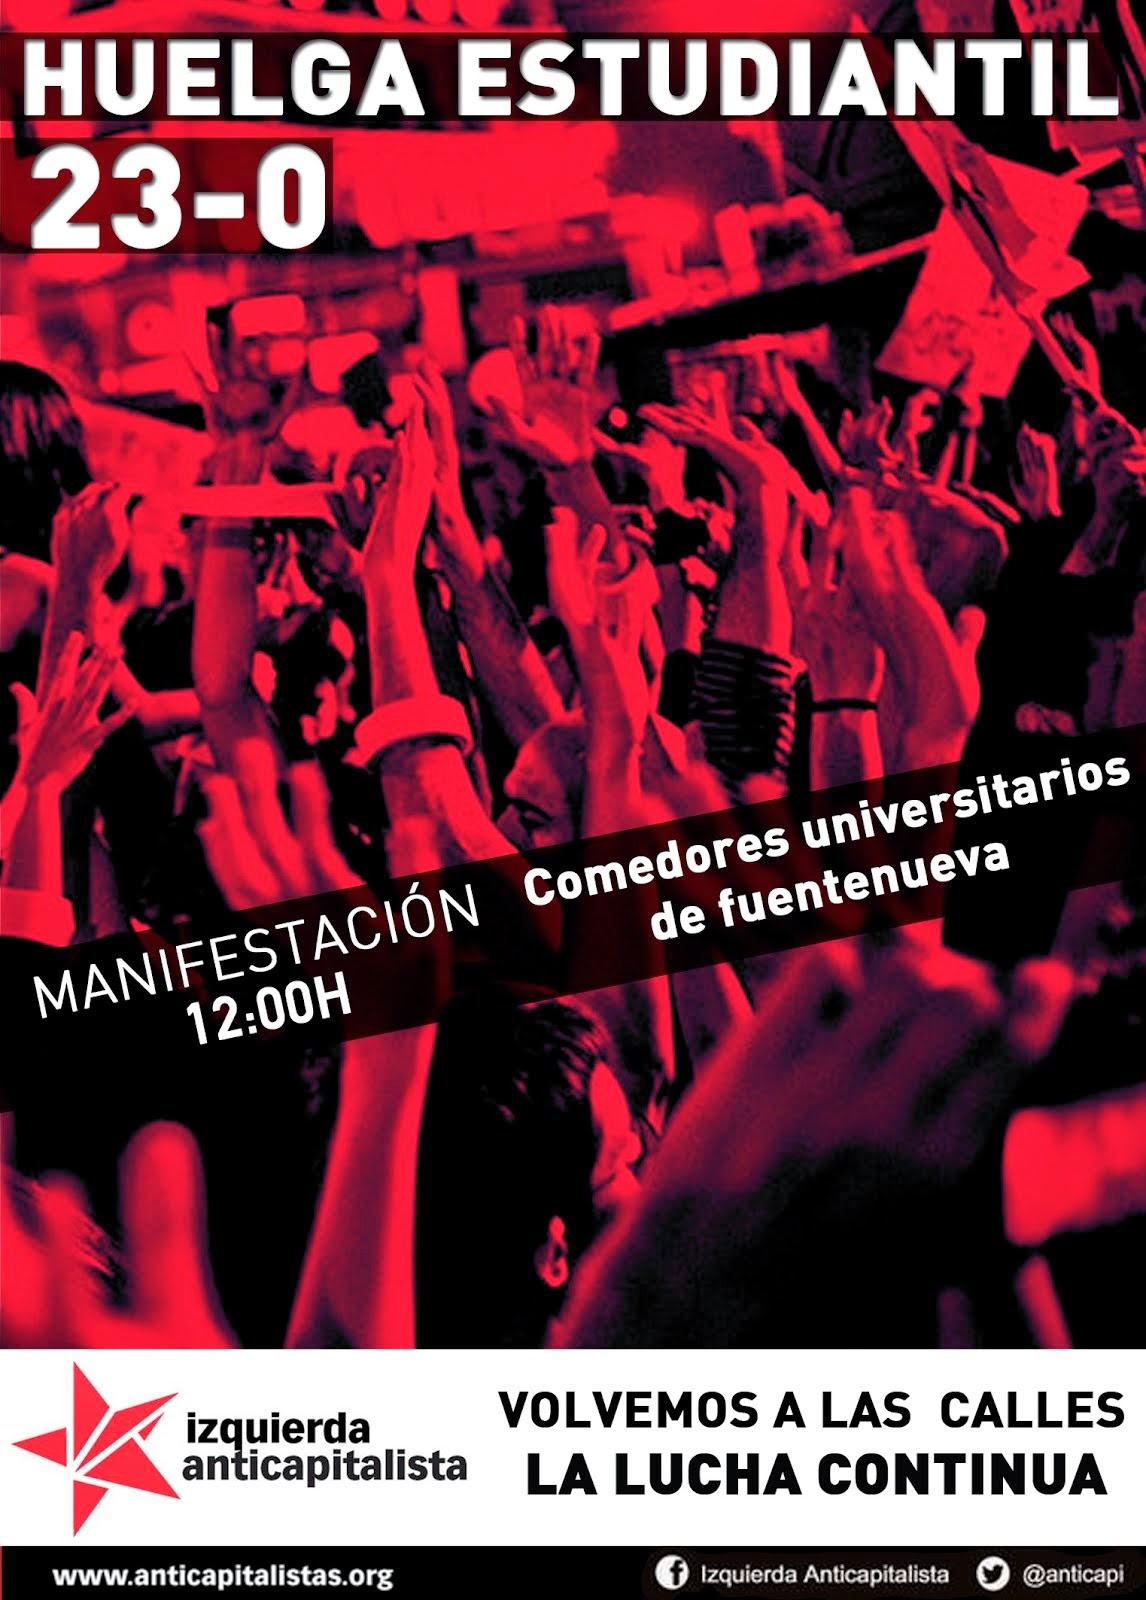 Jueves 23 de octubre- Huelga estudiantil